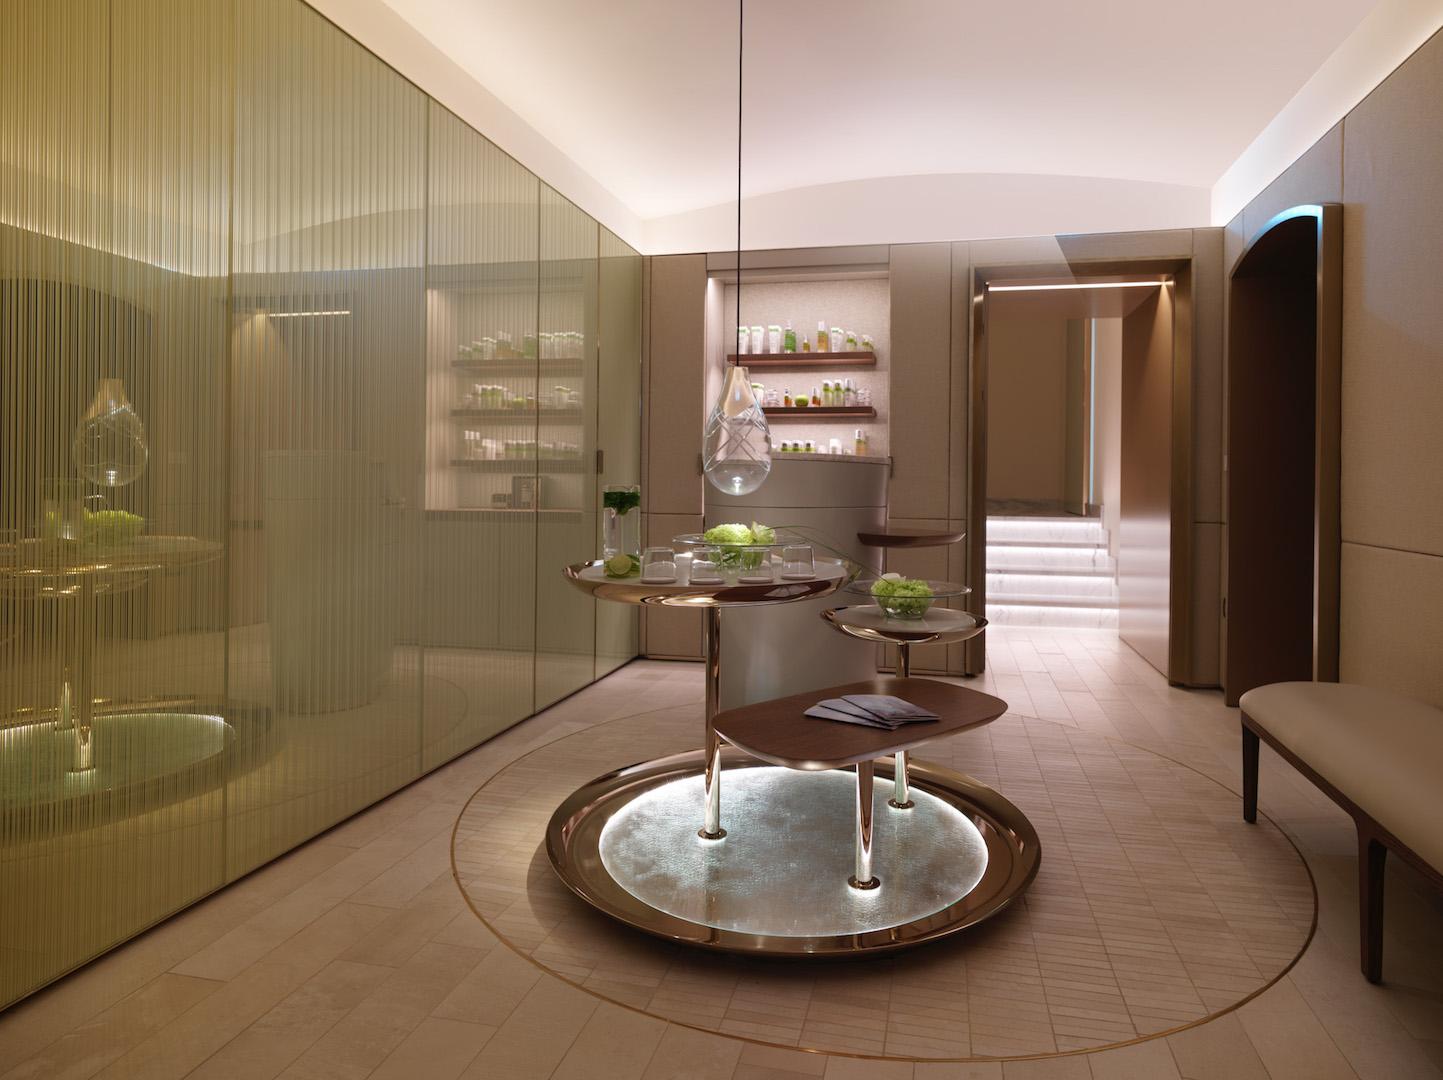 Hotel Eden Rome - The Eden Spa